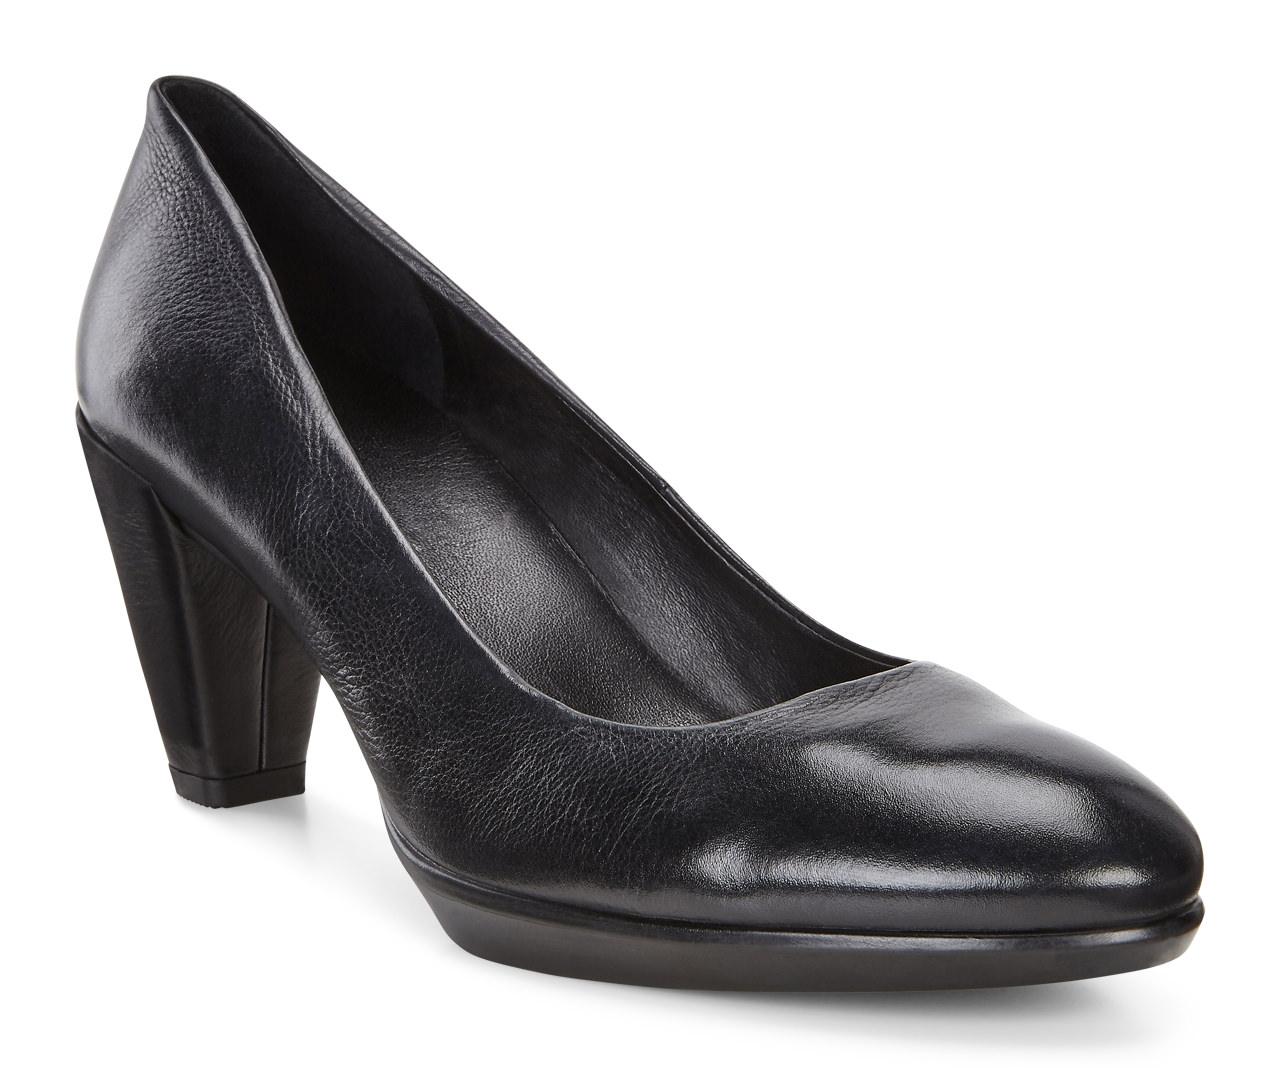 c5a09f7298595c ECCO SHAPE 55 PLATEAU Shape Shoes